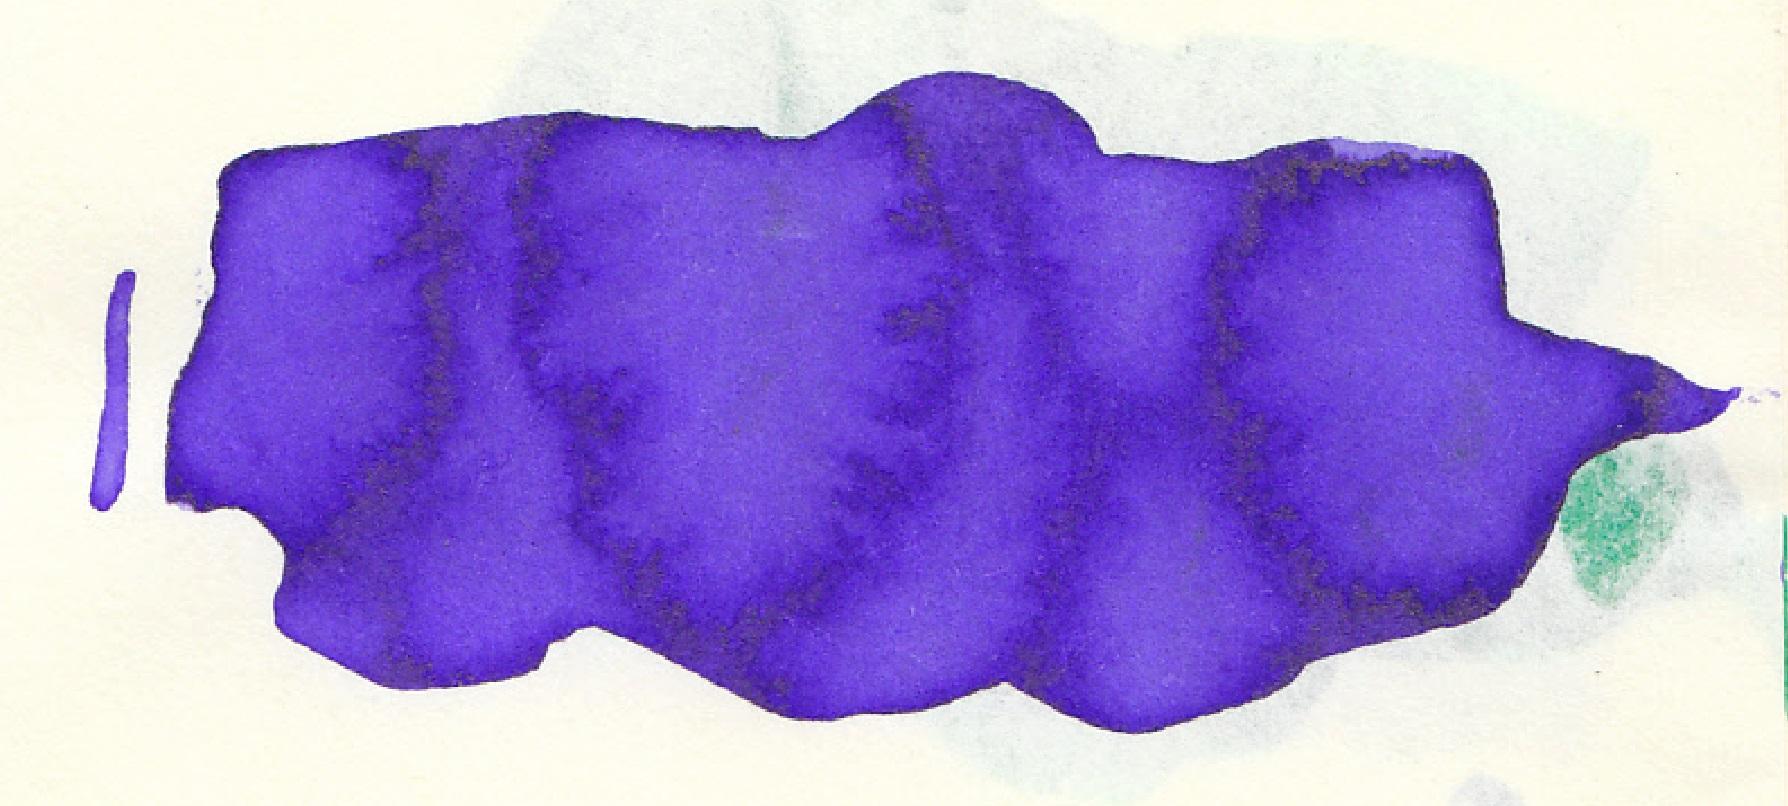 fpn_1458767348__violet_papierplume_tomoe